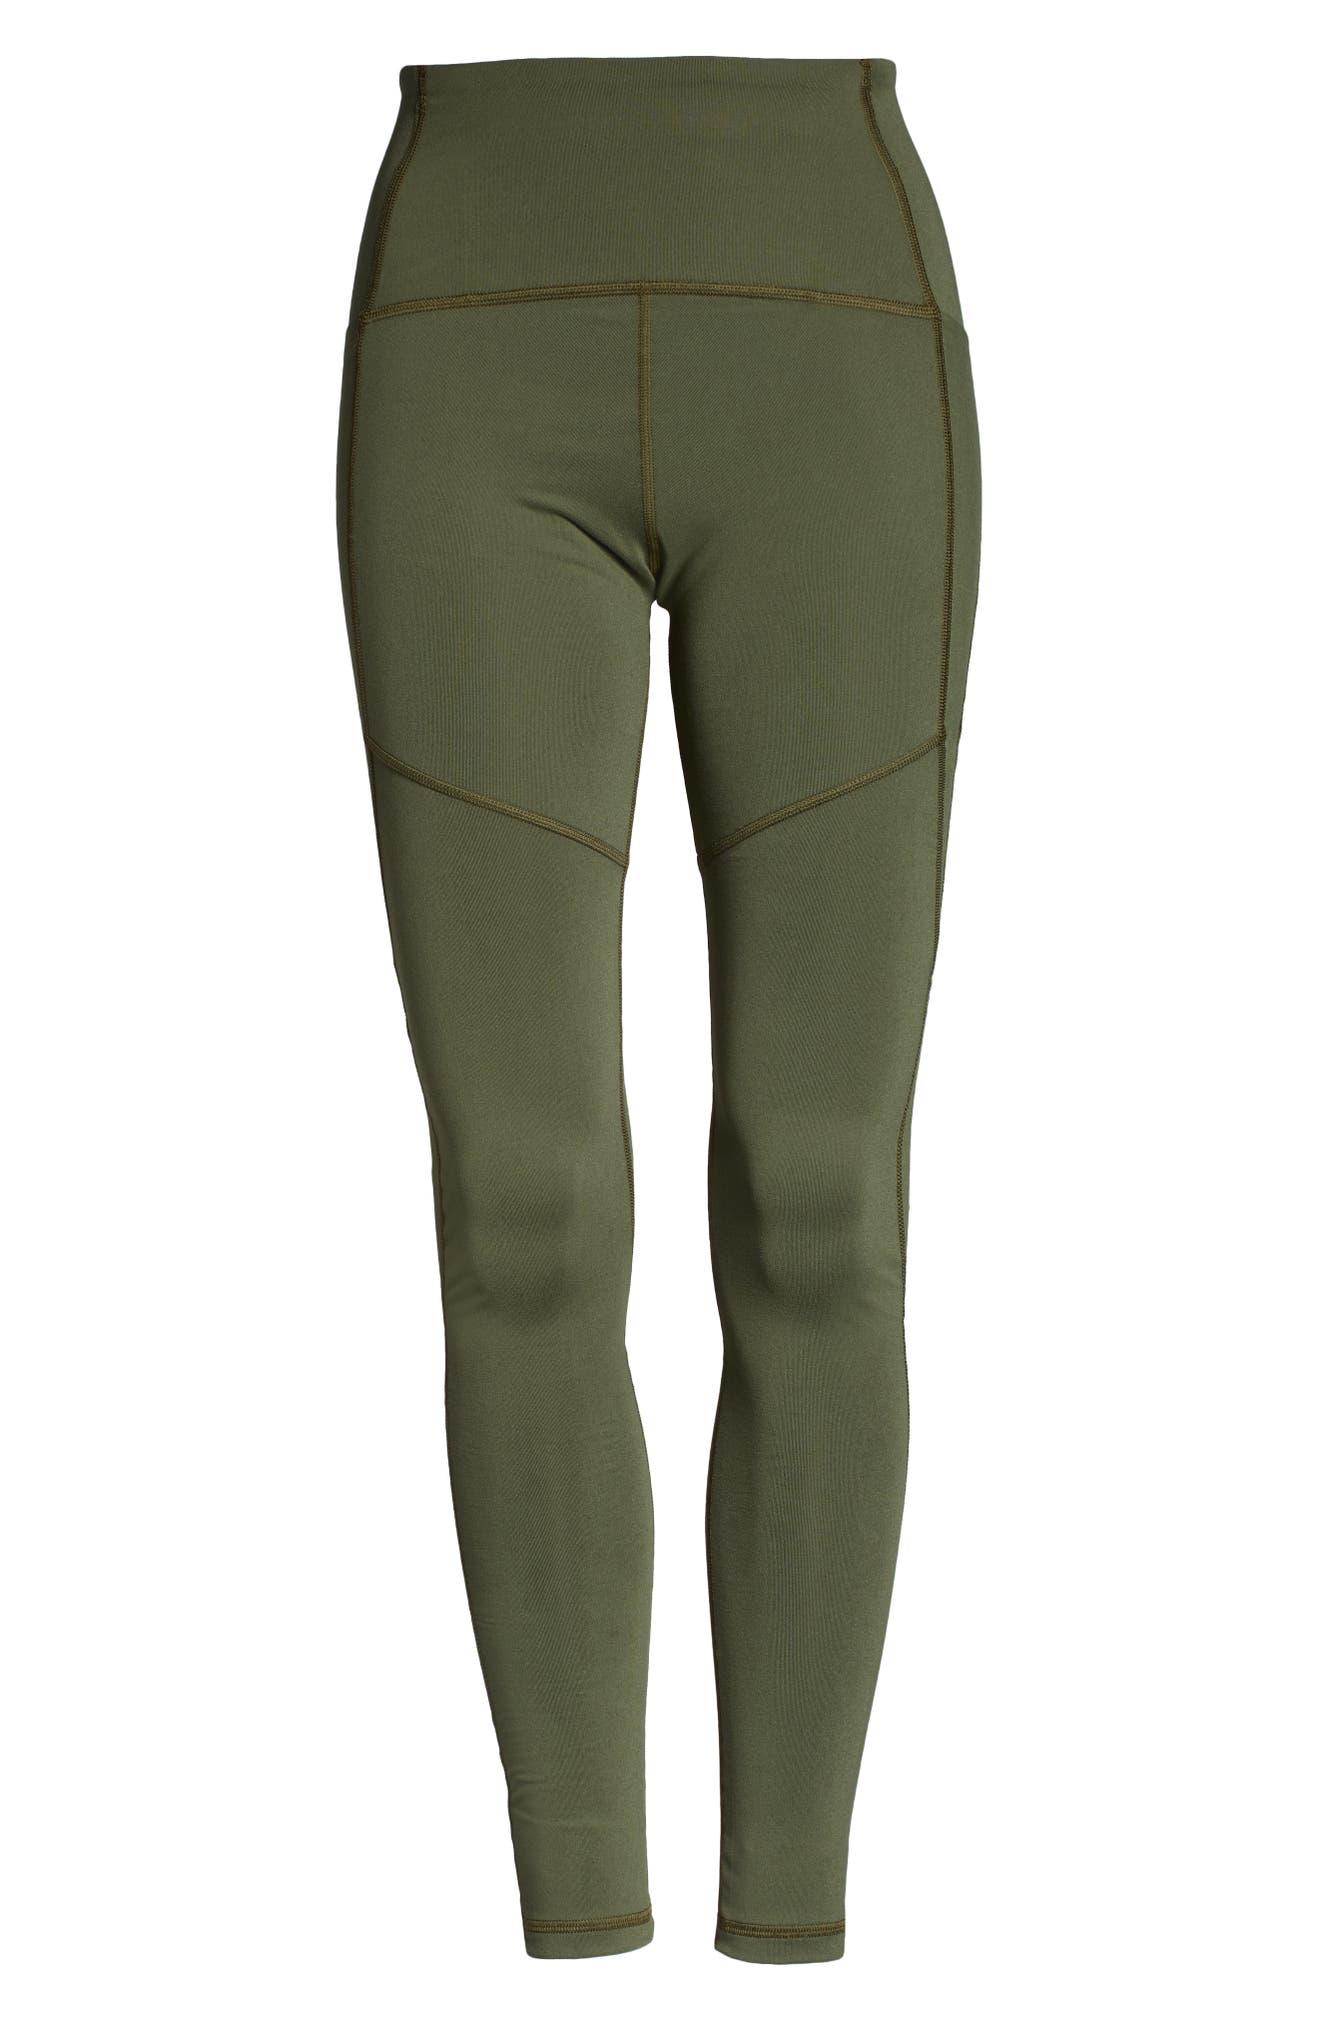 thinx period leggings